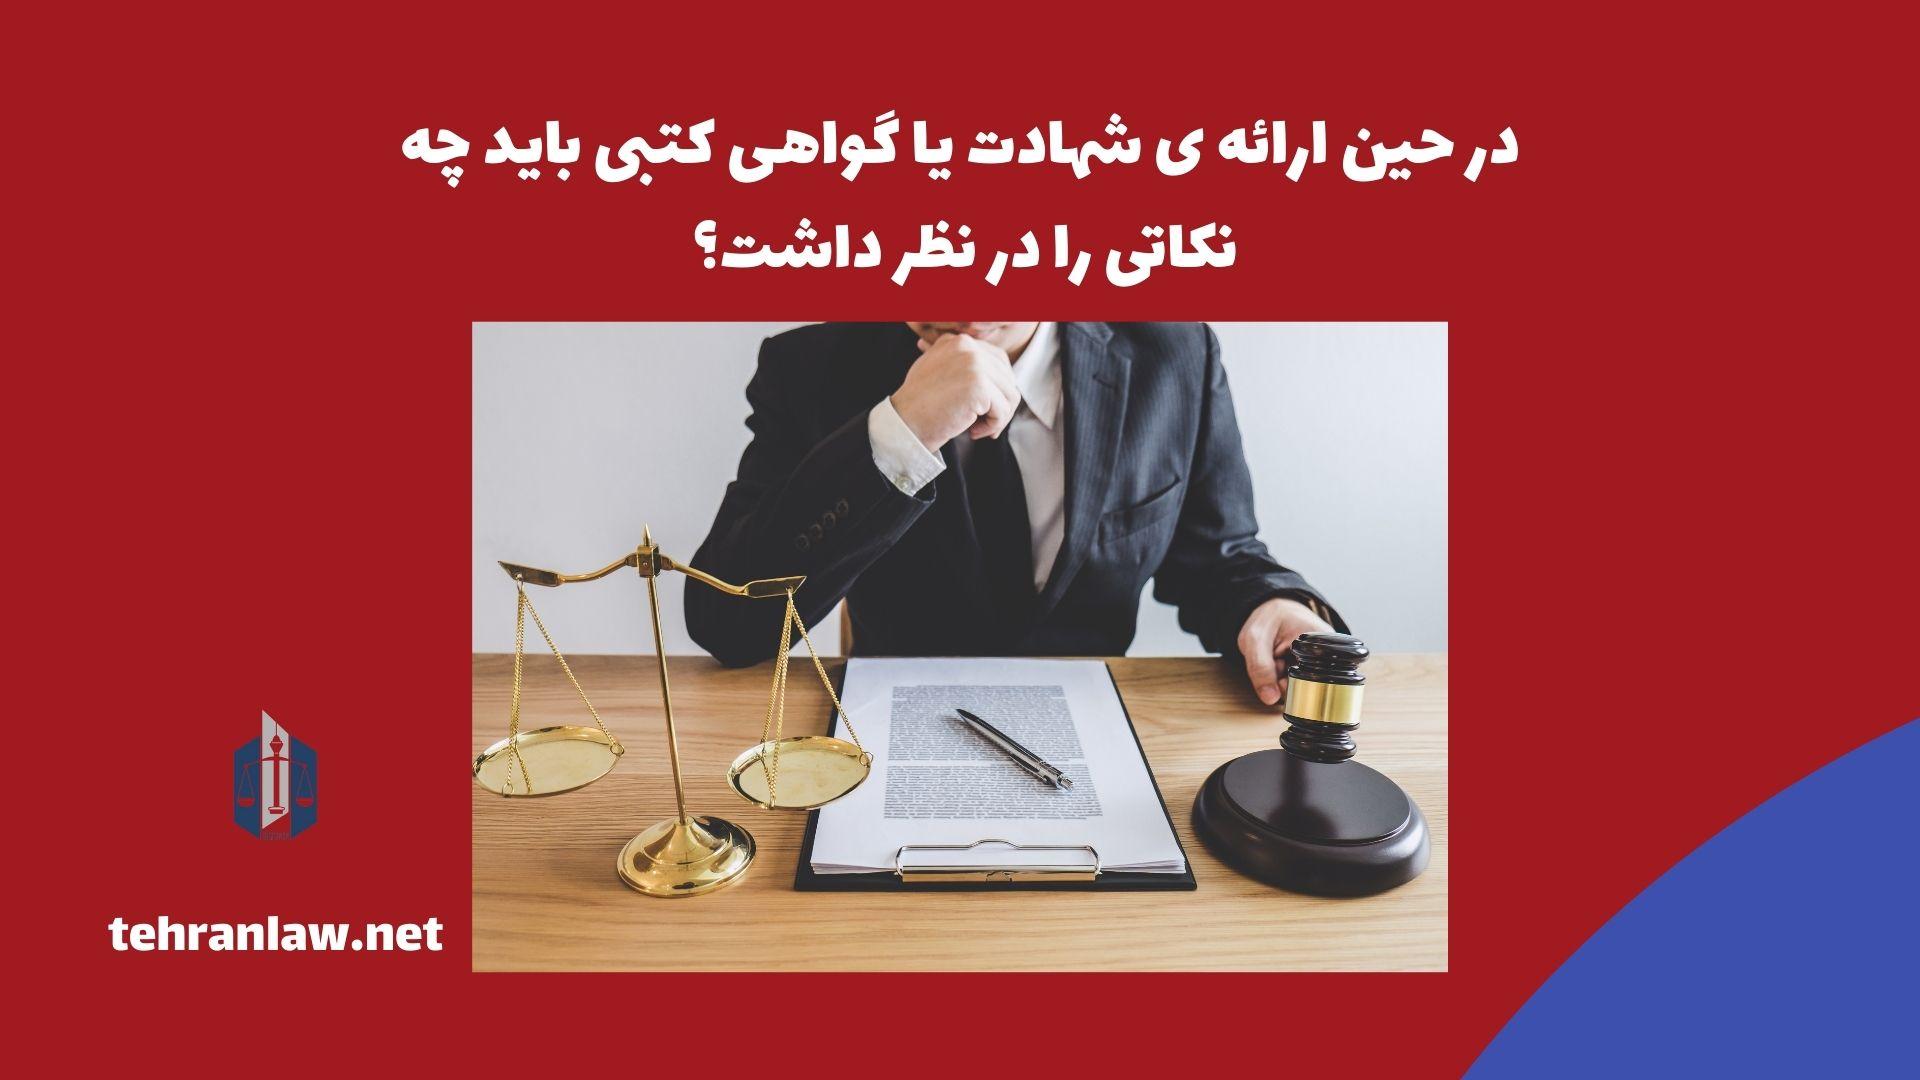 در حین ارائه ی شهادت یا گواهی کتبی باید چه نکاتی را در نظر داشت؟